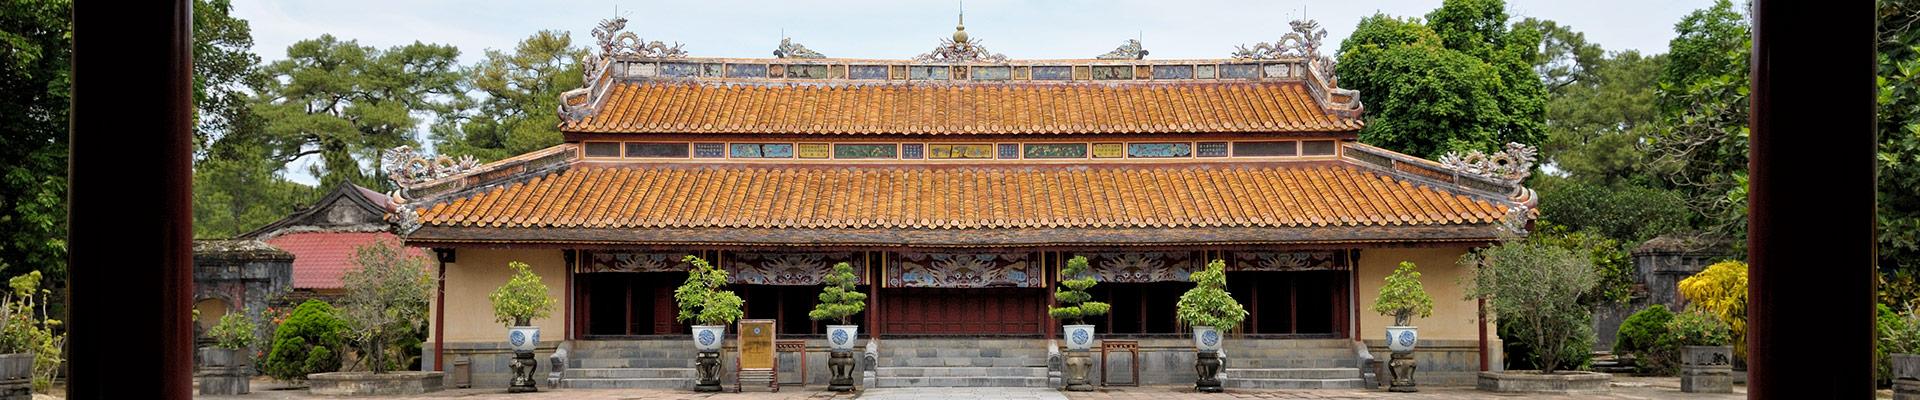 Top image tombeau impériale de Minh Mang, Vietnam